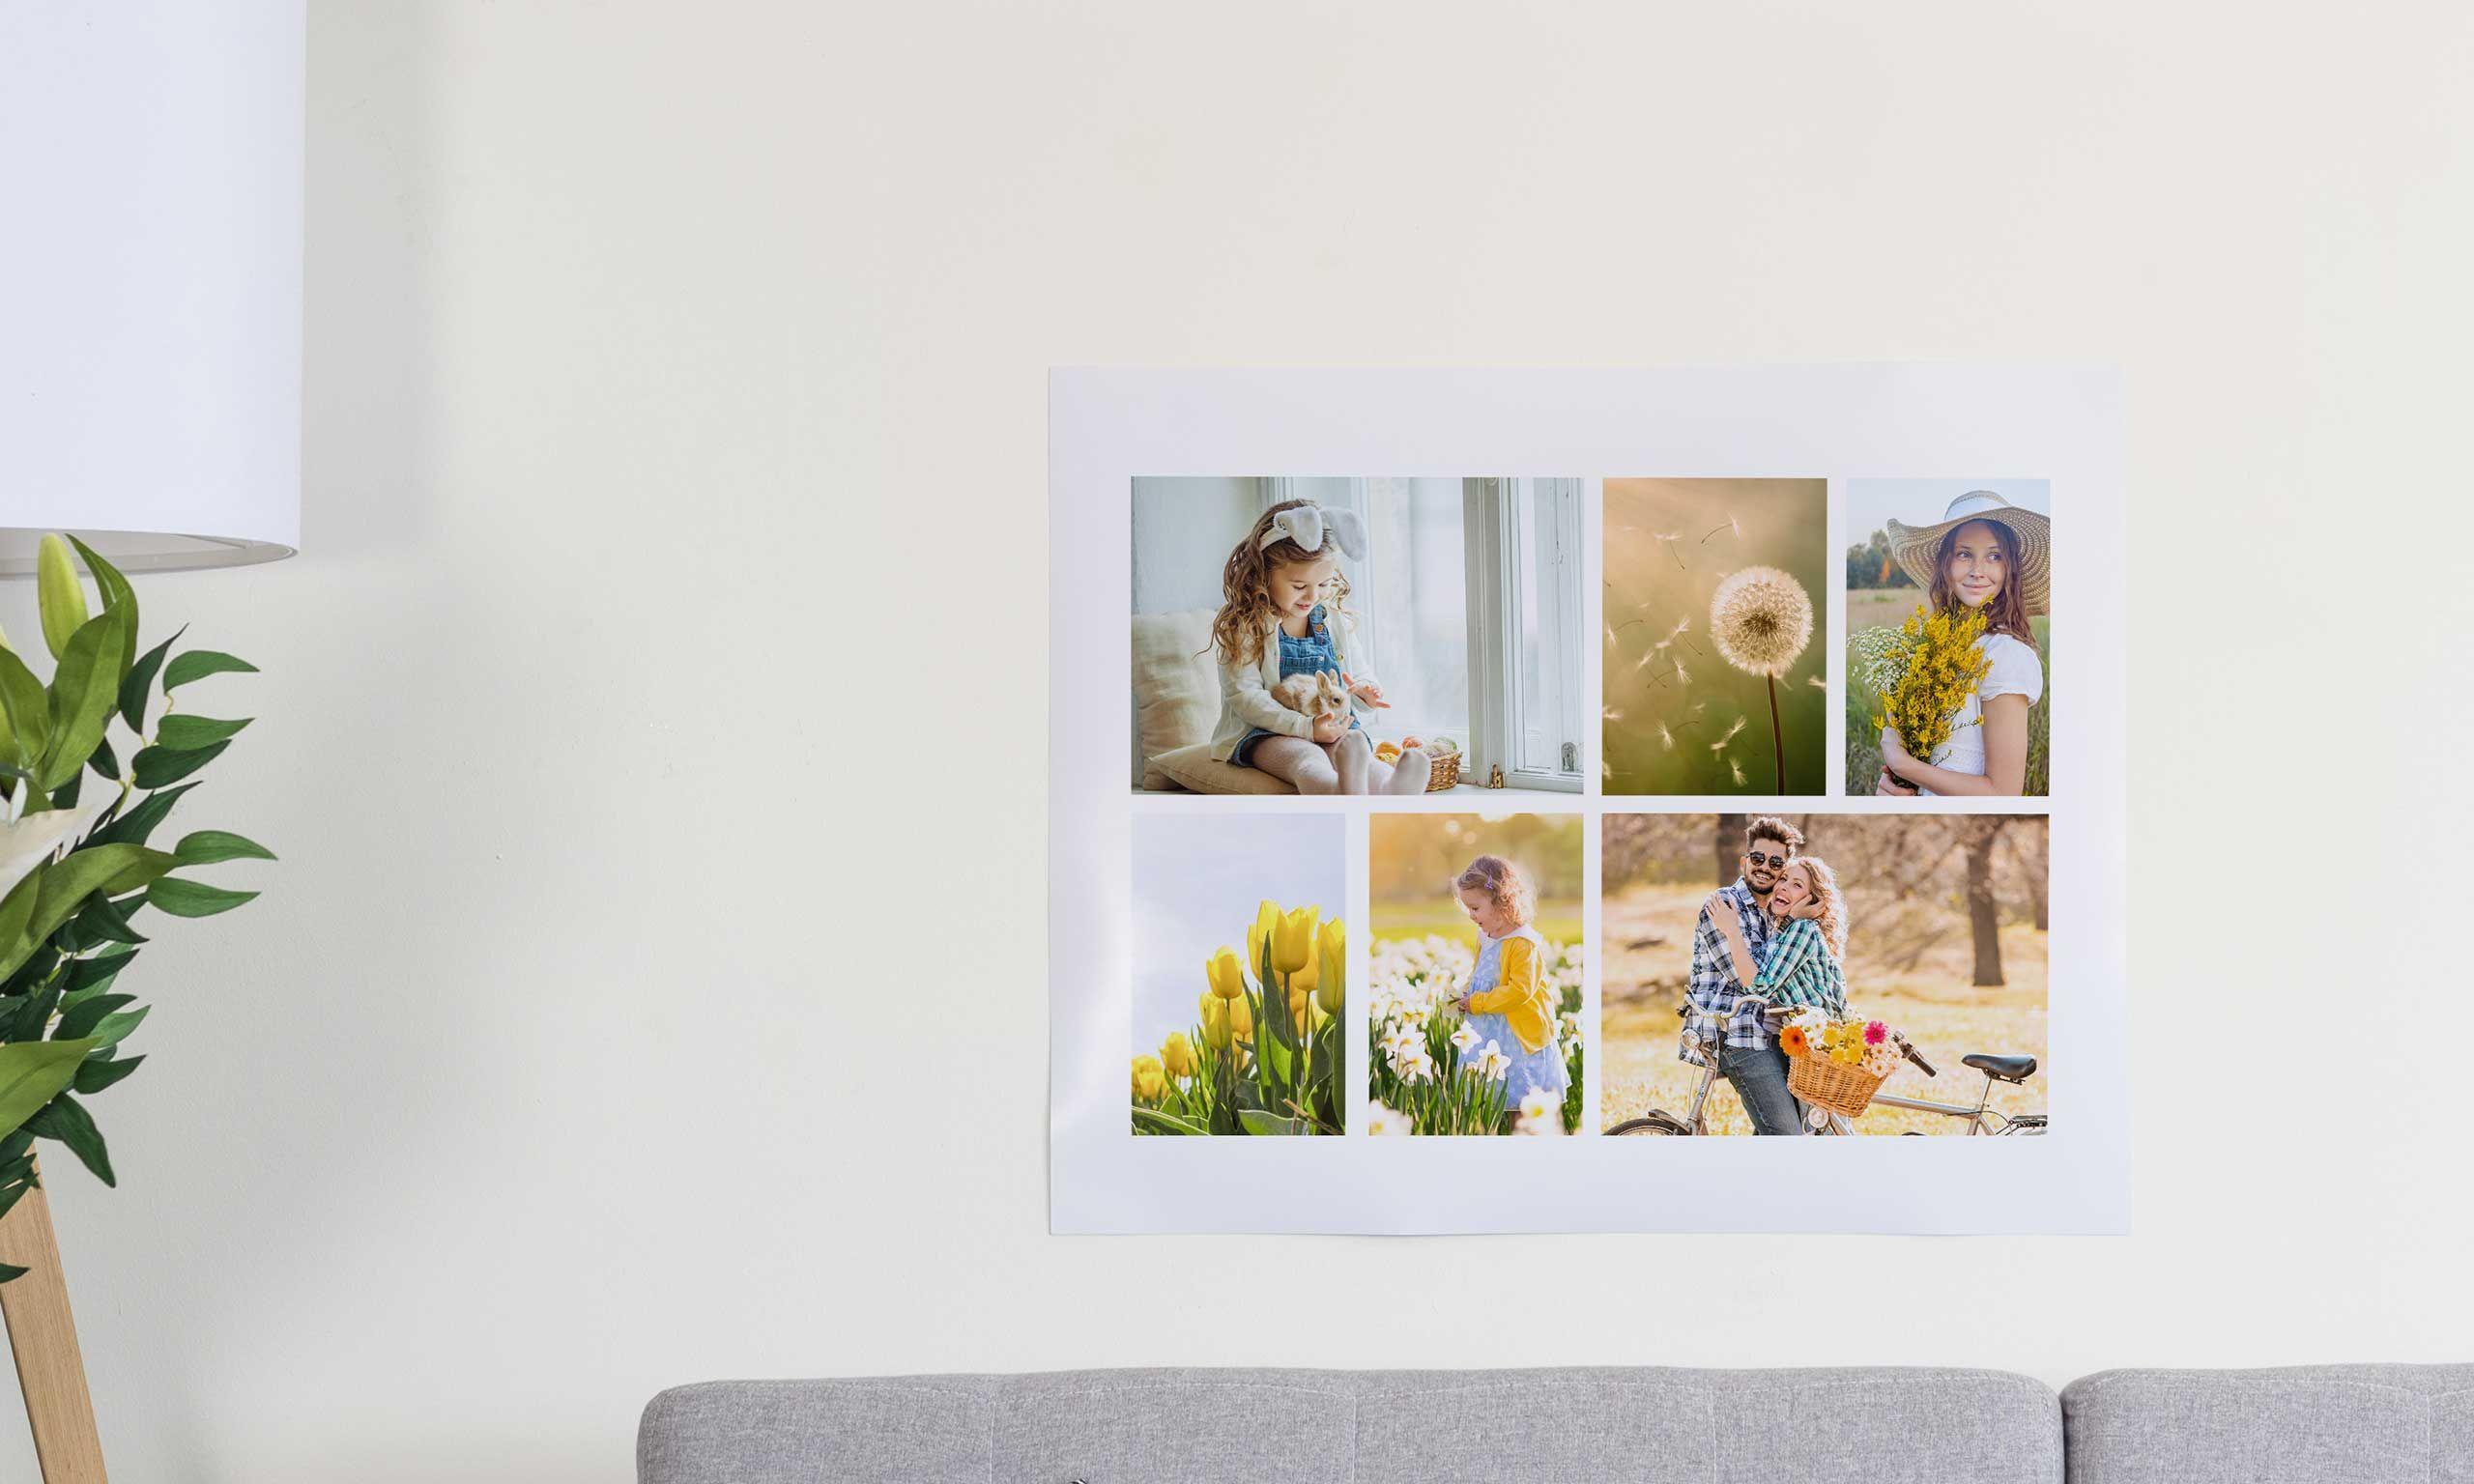 tolle ideen fur dein poster bei posterxxl kannst du deine bilder ganz einfach und kreativ gestalten als geschenk oder d drucken foto leinwand sonderformat leinwände schwarz weiß